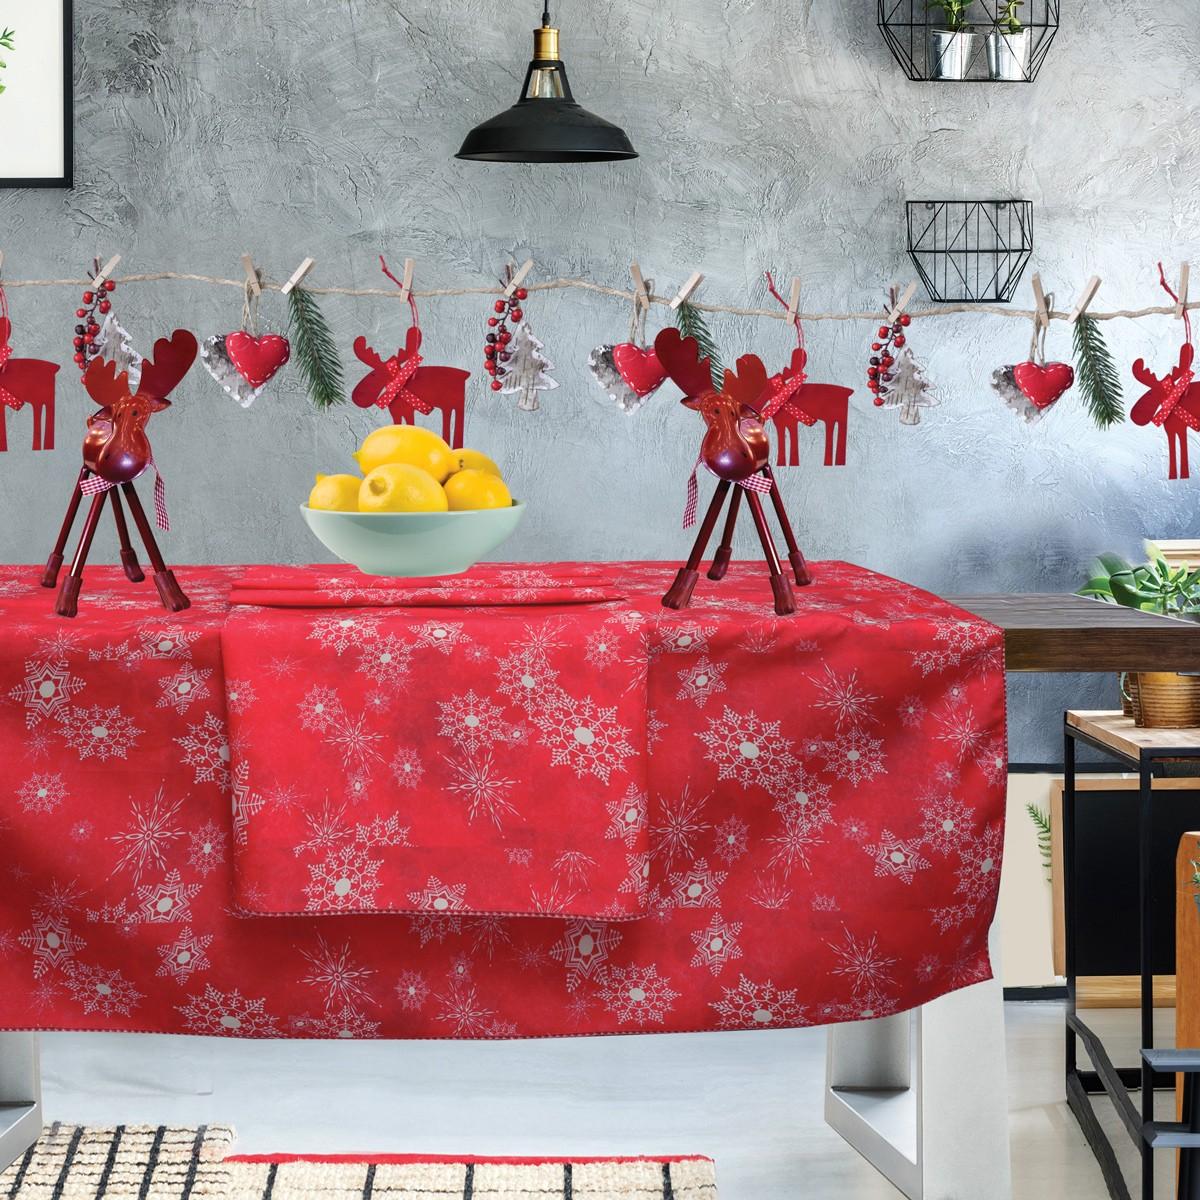 Χριστουγεννιάτικη Τραβέρσα Das Home Kitchen 553 home   χριστουγεννιάτικα   χριστουγεννιάτικες τραβέρσες